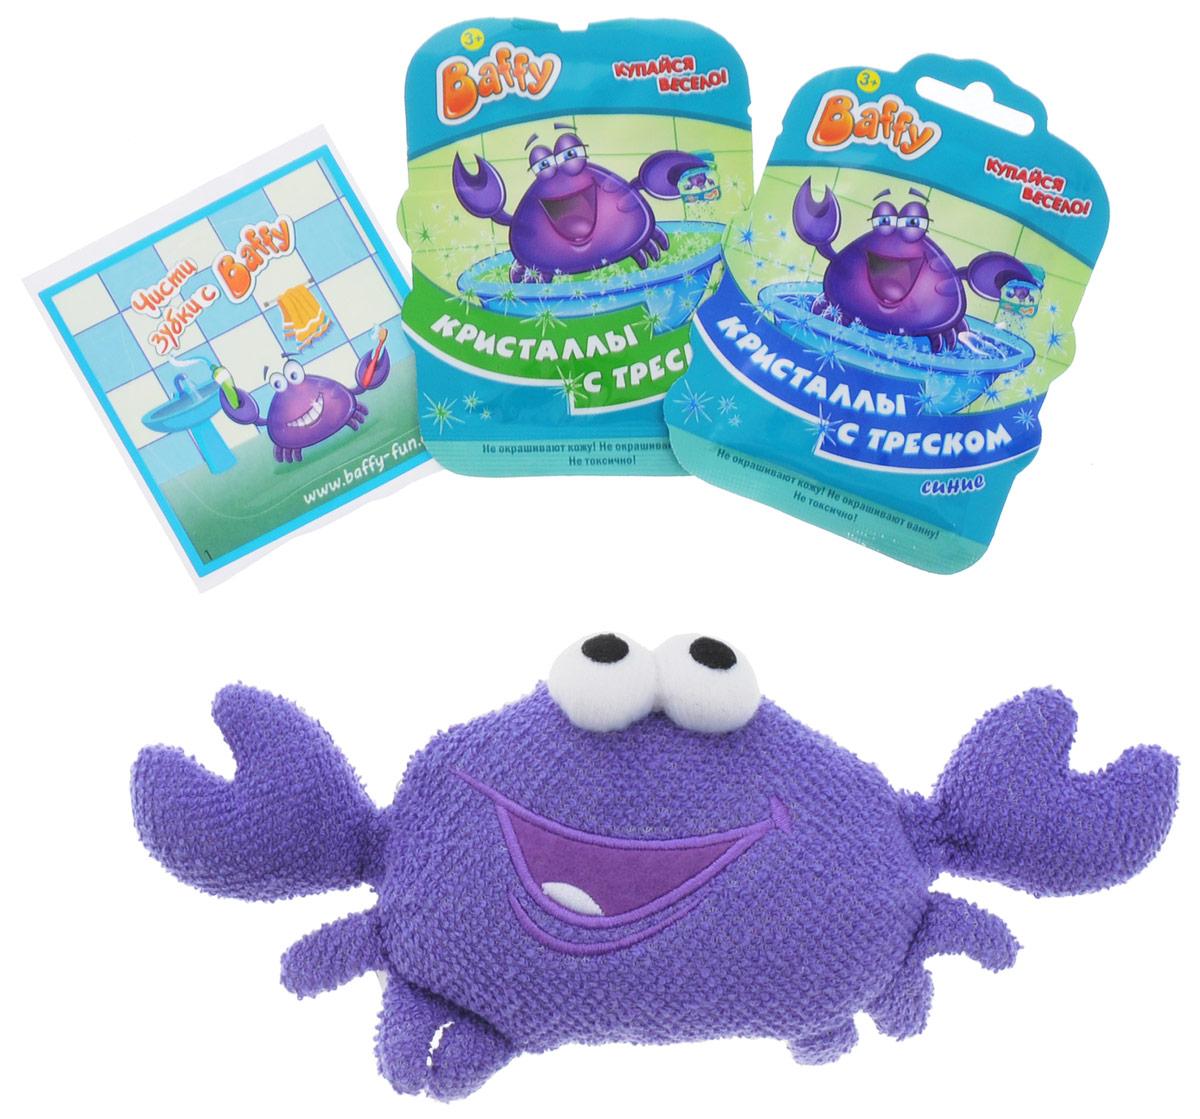 Baffy Набор средств для купания Твой Baffy цвет фиолетовый1301028Набор средств для купания Твой Baffy превратит купание в интересную увлекательную игру с помощью необычной мочалки игрушки Baffy. Мочалка, изготовленная из натуральных, долговечных и нетоксичных материалов, мягко очистит кожу вашего ребенка и станет его любимой игрушкой. А кристаллы с треском, входящие в набор, станут приятным сюрпризом и продлят веселье вашего ребенка в ванной. Теперь ваш ребенок будет играть и купаться в ванне одновременно.Использоваться под наблюдением взрослых. Не использовать в пищевых целях. Хранить в недоступном для детей месте.